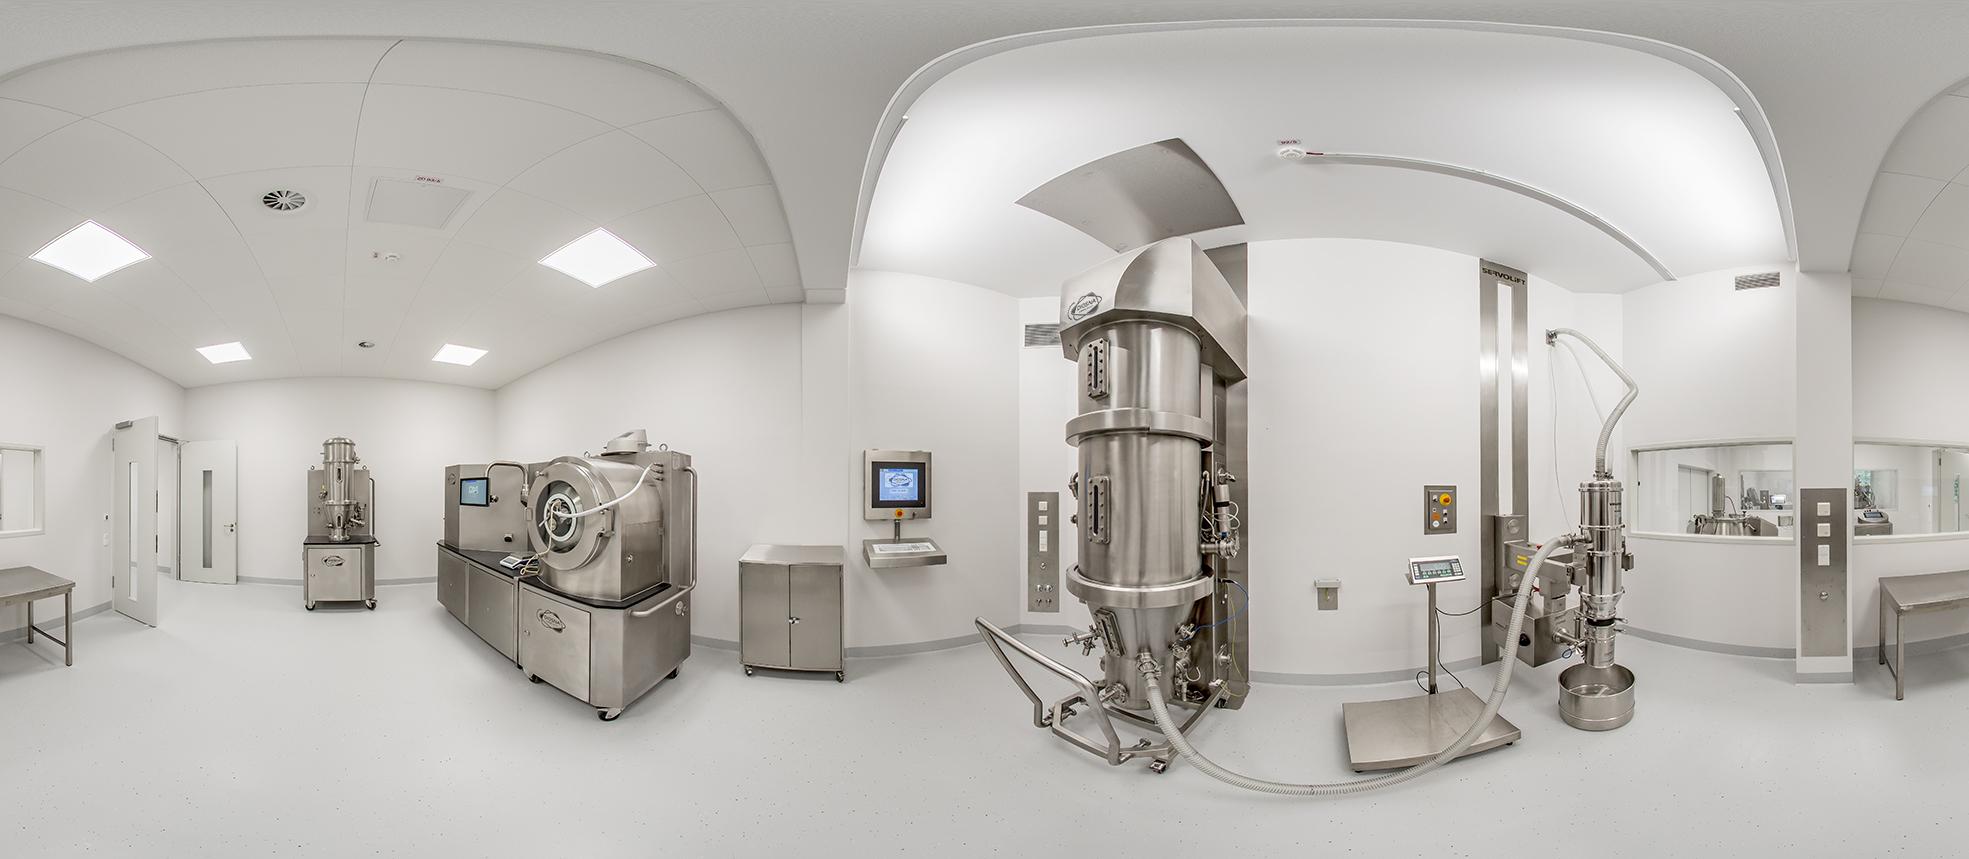 Panoramabild Diosna ProcessLab – Rapid Change (RC) Labor mit MidiLab RC mit Coater- und Wirbelschichttrockner- Modul, Wirbelschichttrockner CAP 10-80 RC, Hubsäule (Servolift), Vakuum-Entleerer (Volkmann), Siebmühle (Frewitt)